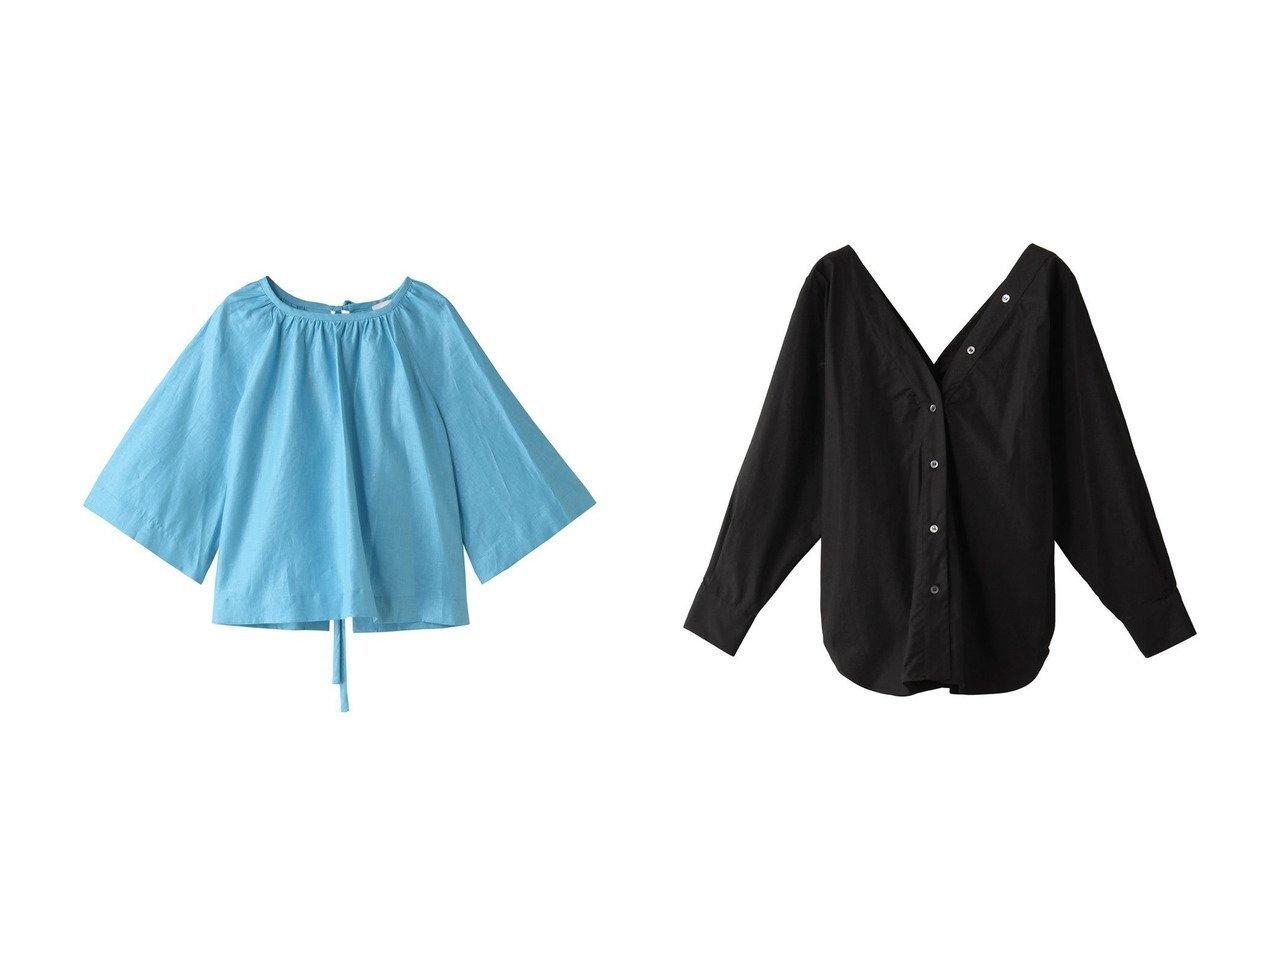 【TELA/テラ】のSAPONE コットンVラインシャツ&UMILE バックオープンリボン リネンブラウス 【トップス・カットソー】おすすめ!人気、トレンド・レディースファッションの通販  おすすめで人気の流行・トレンド、ファッションの通販商品 メンズファッション・キッズファッション・インテリア・家具・レディースファッション・服の通販 founy(ファニー) https://founy.com/ ファッション Fashion レディースファッション WOMEN トップス・カットソー Tops/Tshirt シャツ/ブラウス Shirts/Blouses バッグ Bag 2021年 2021 2021春夏・S/S SS/Spring/Summer/2021 S/S・春夏 SS・Spring/Summer スリーブ フレア リネン リボン ロング 春 Spring おすすめ Recommend カーディガン ベーシック 羽織 |ID:crp329100000028282